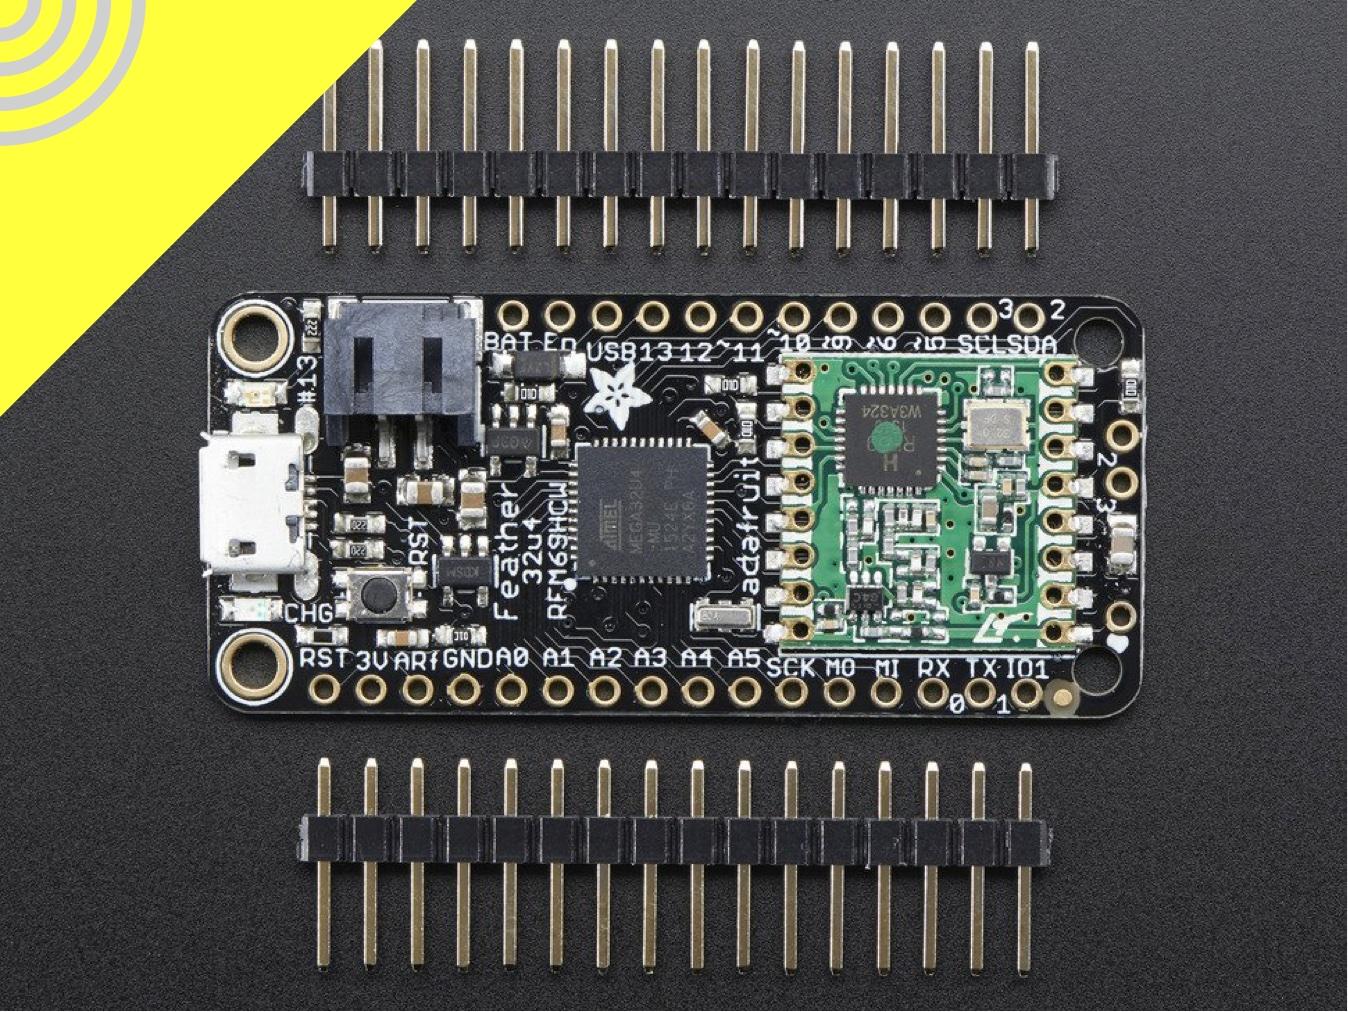 microcontrollers_feather-32u4-rfm69-900mhz.jpg